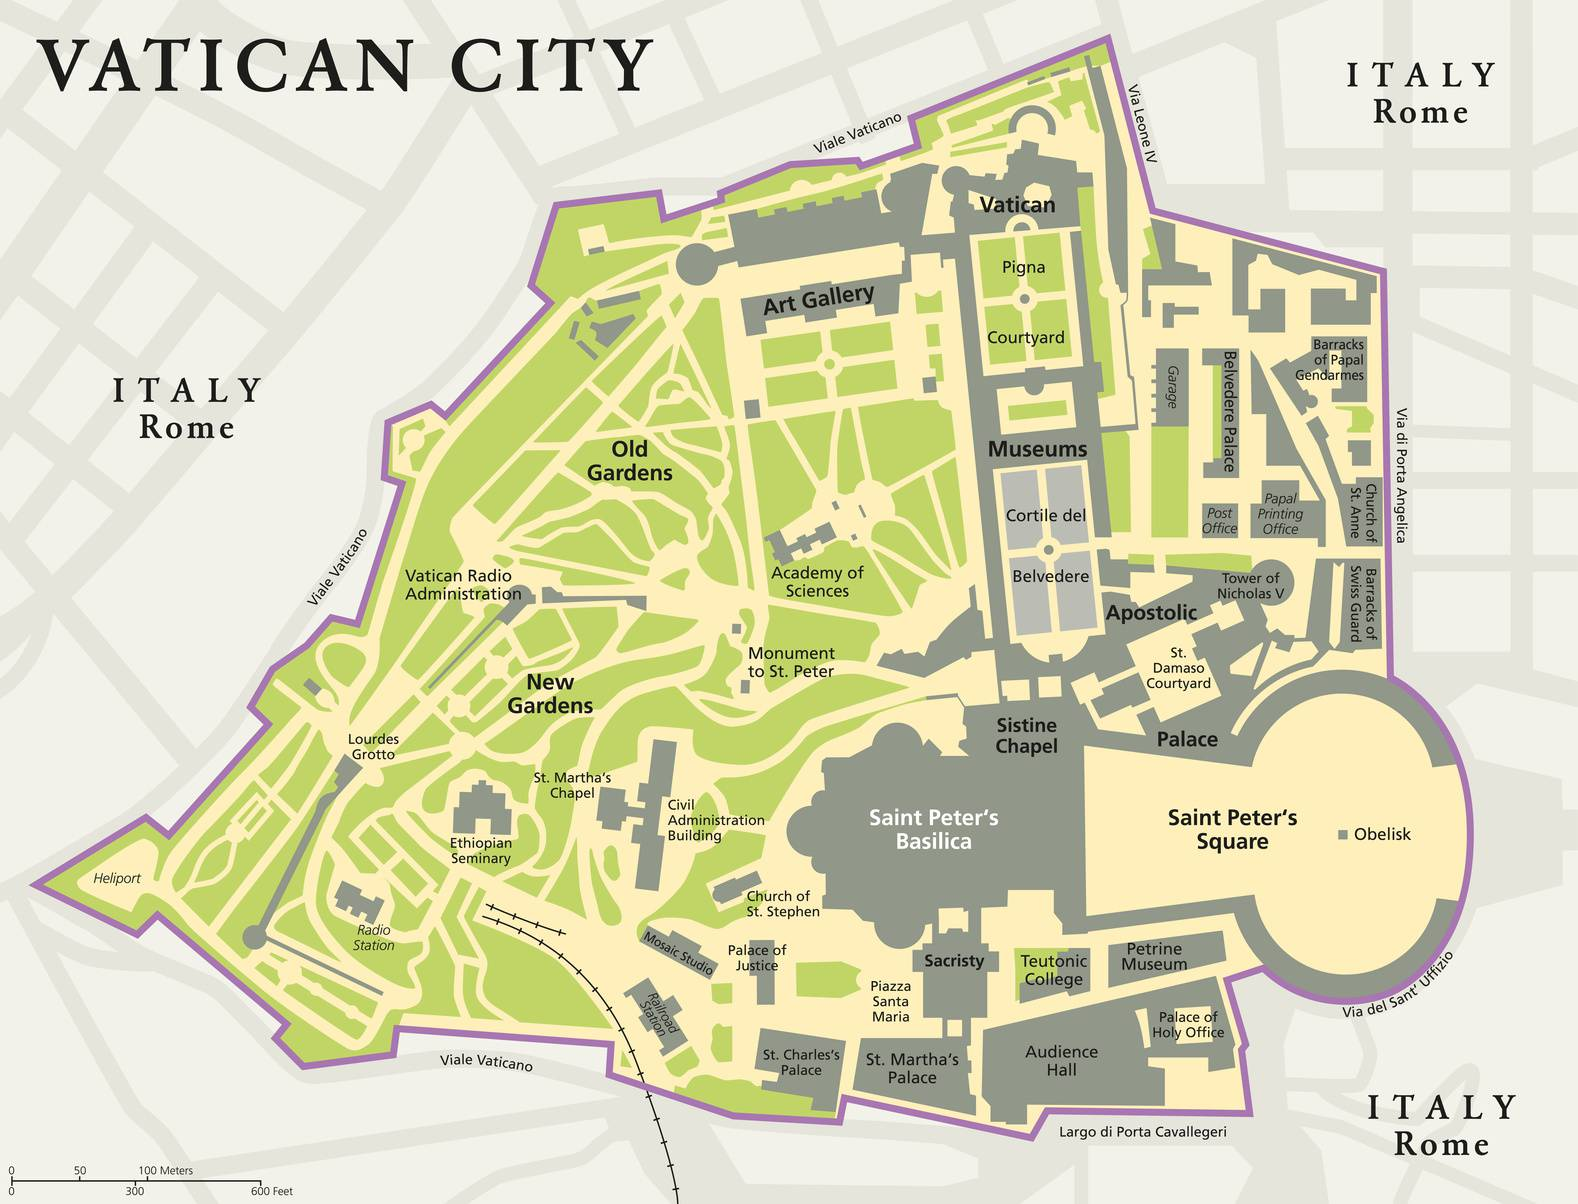 Plan du vatican carte de la cit du vatican plan for Faites vos propres plans gratuitement